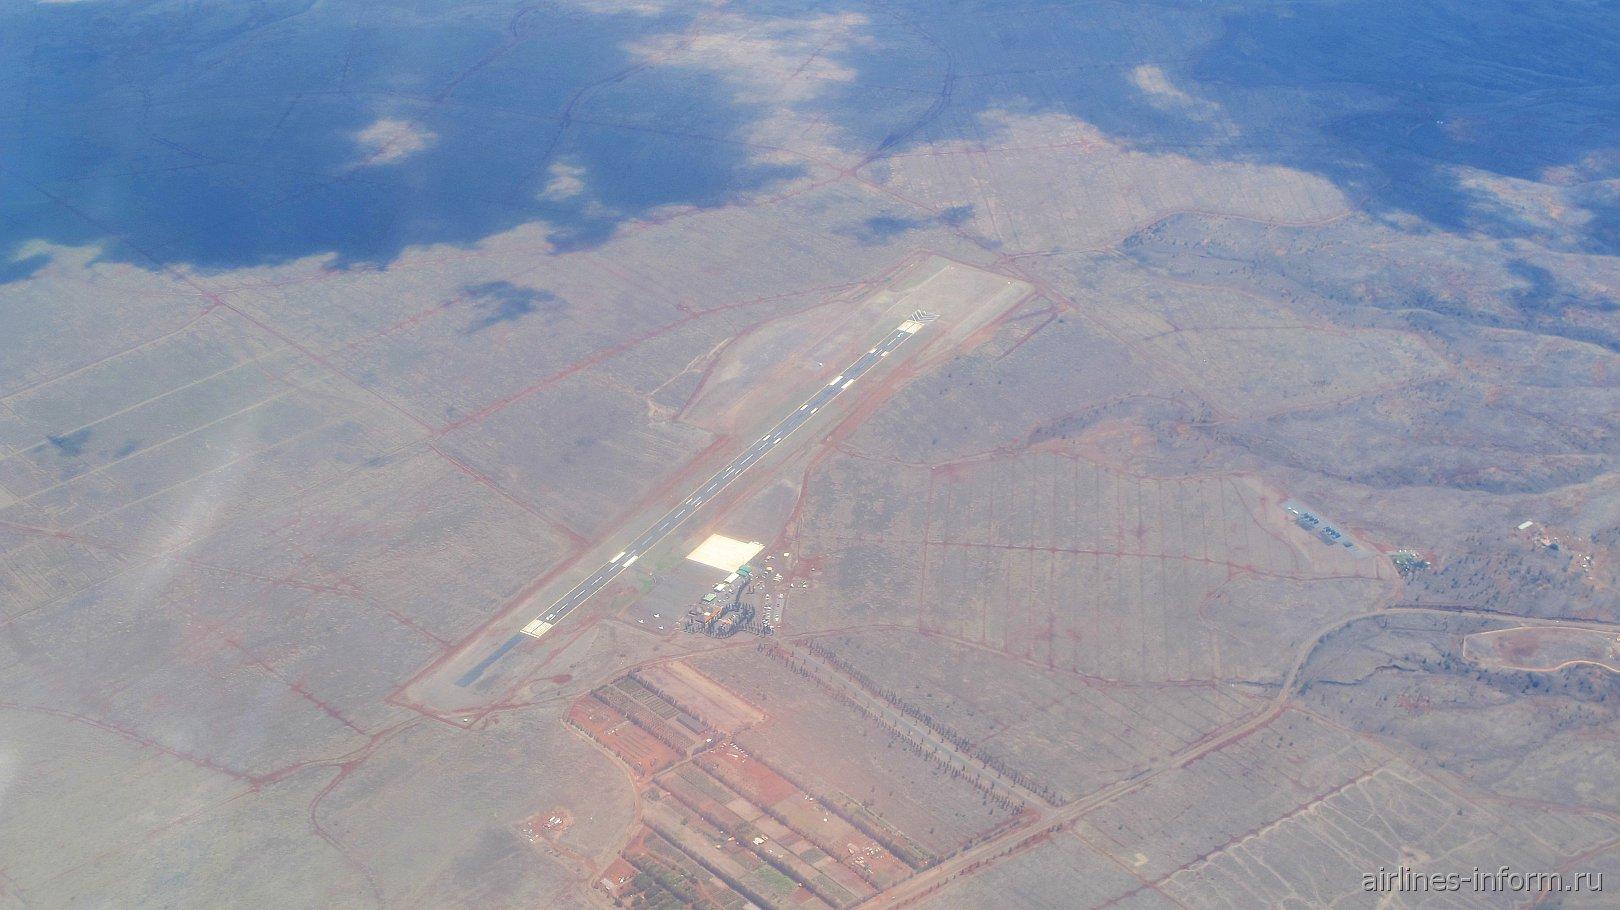 Аэропорт Ланай на гавайском архипелаге